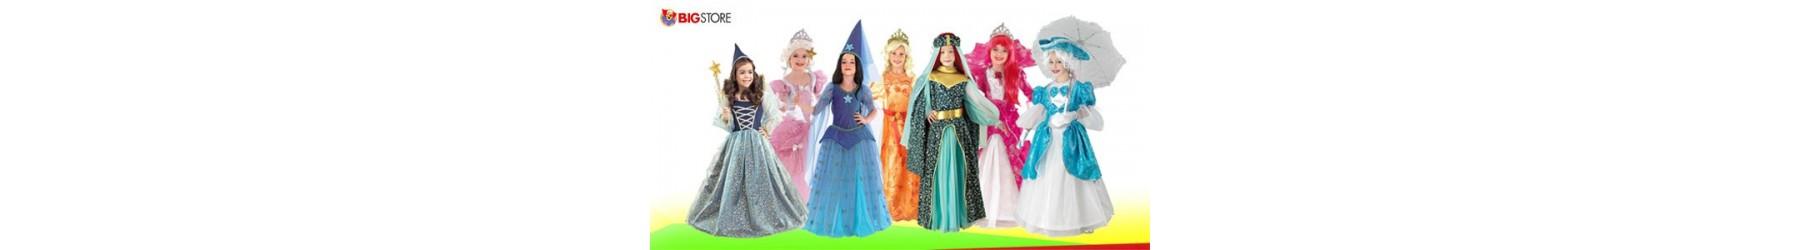 Αποκριάτικες στολές Βασίλισσας και Πριγκίπισσας για κορίτσια